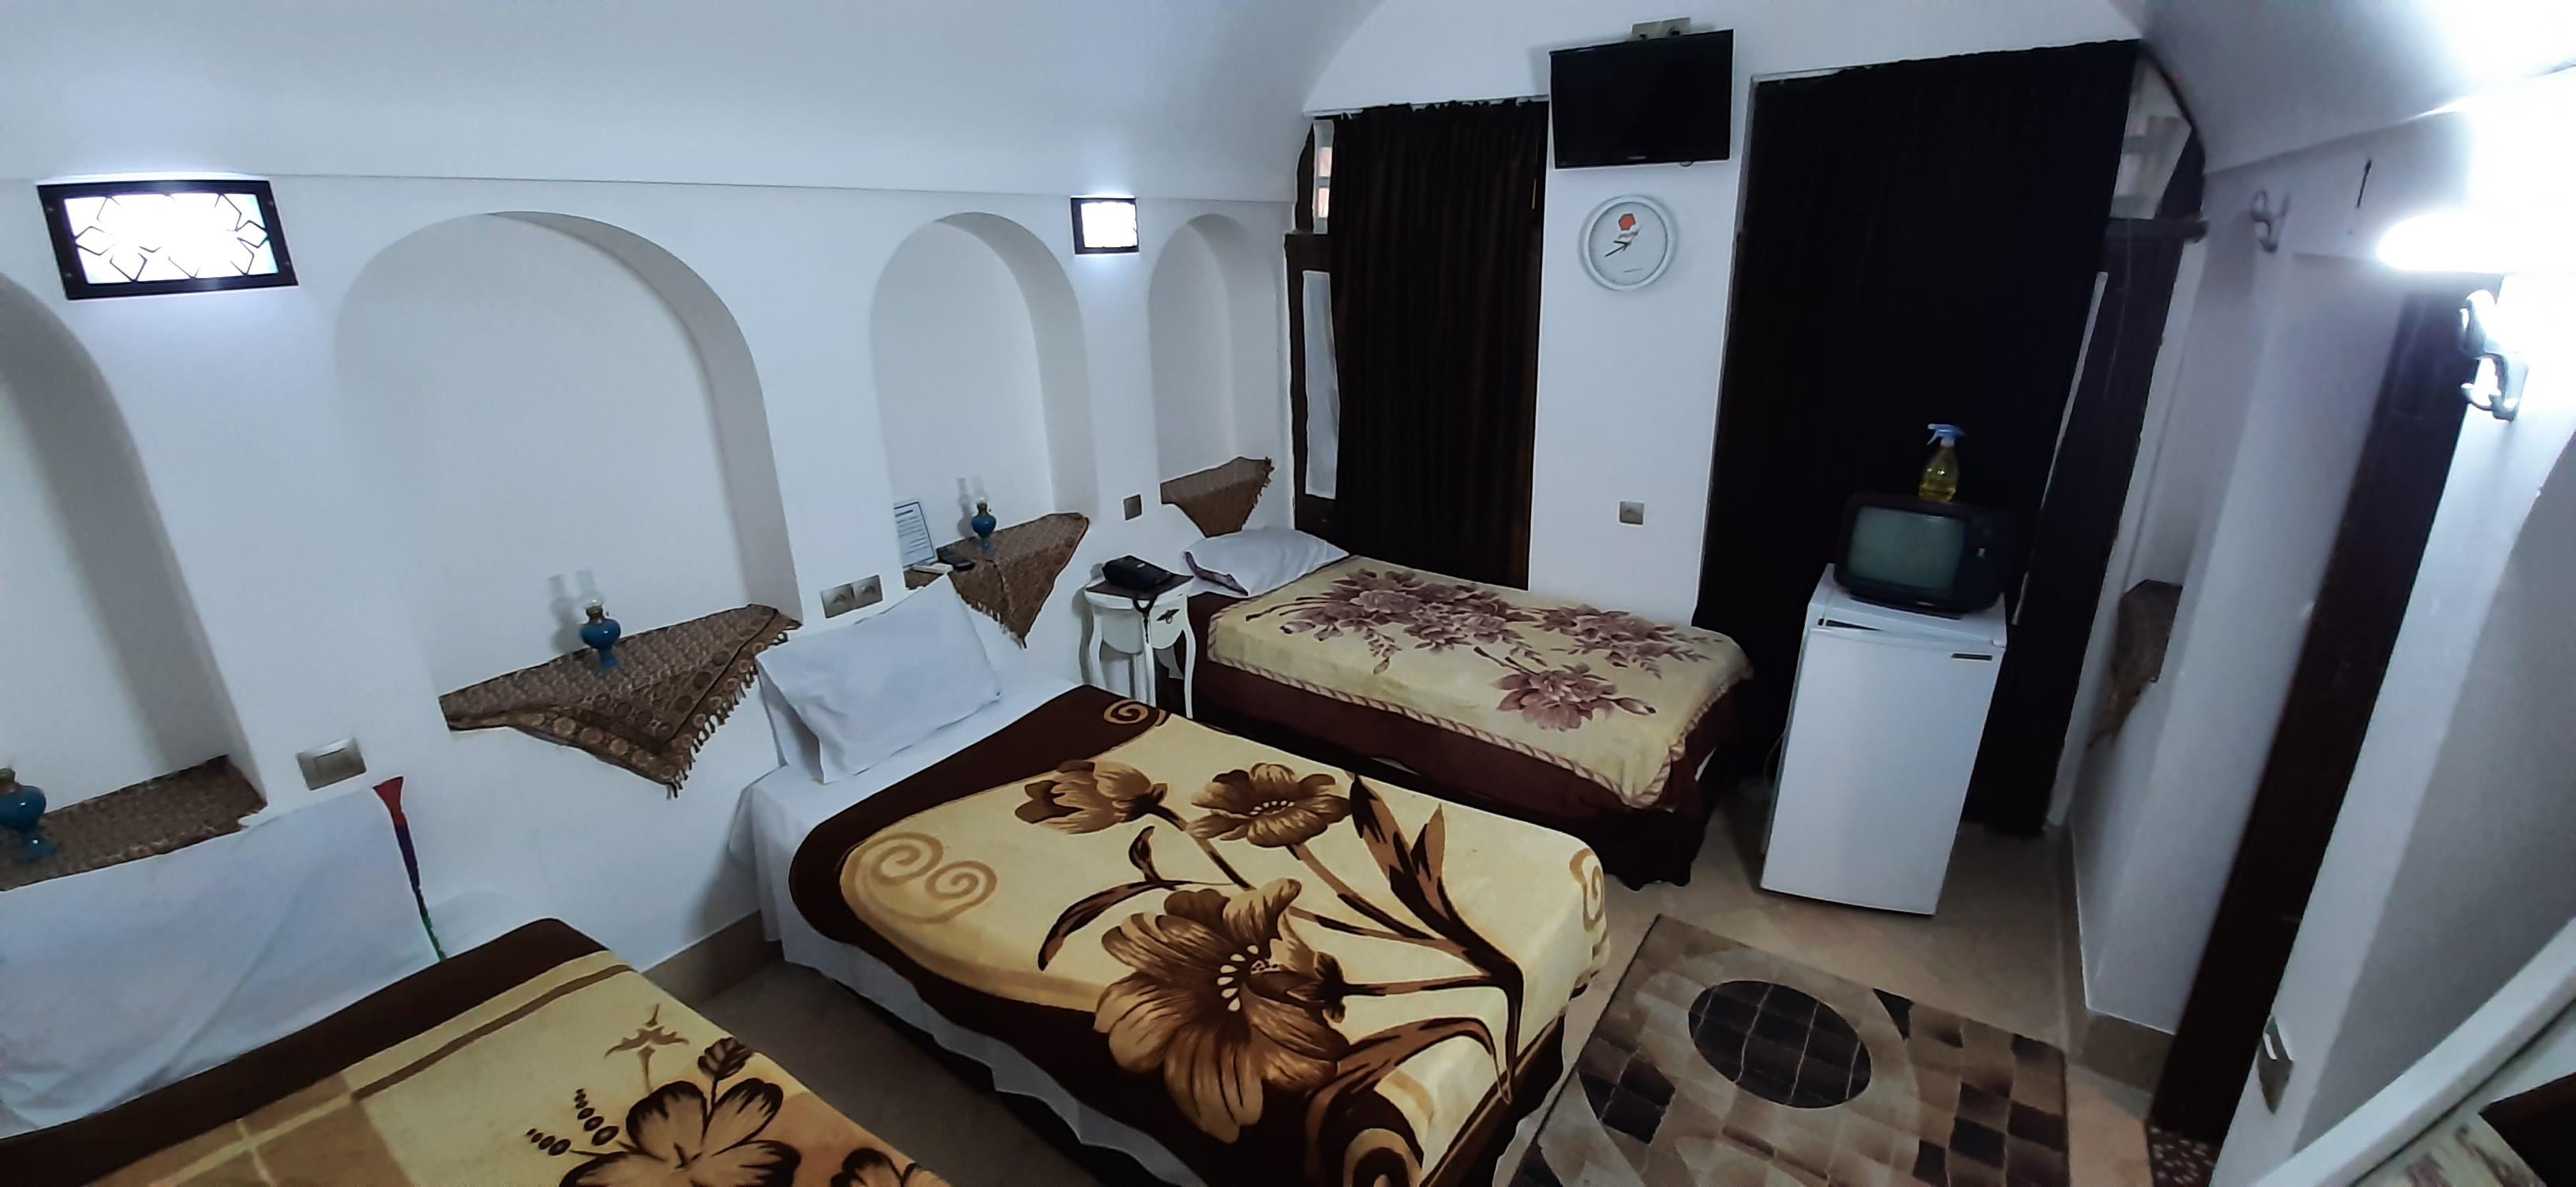 بوم گردی اتاق سنتی سه تخته در فهادان یزد - 2